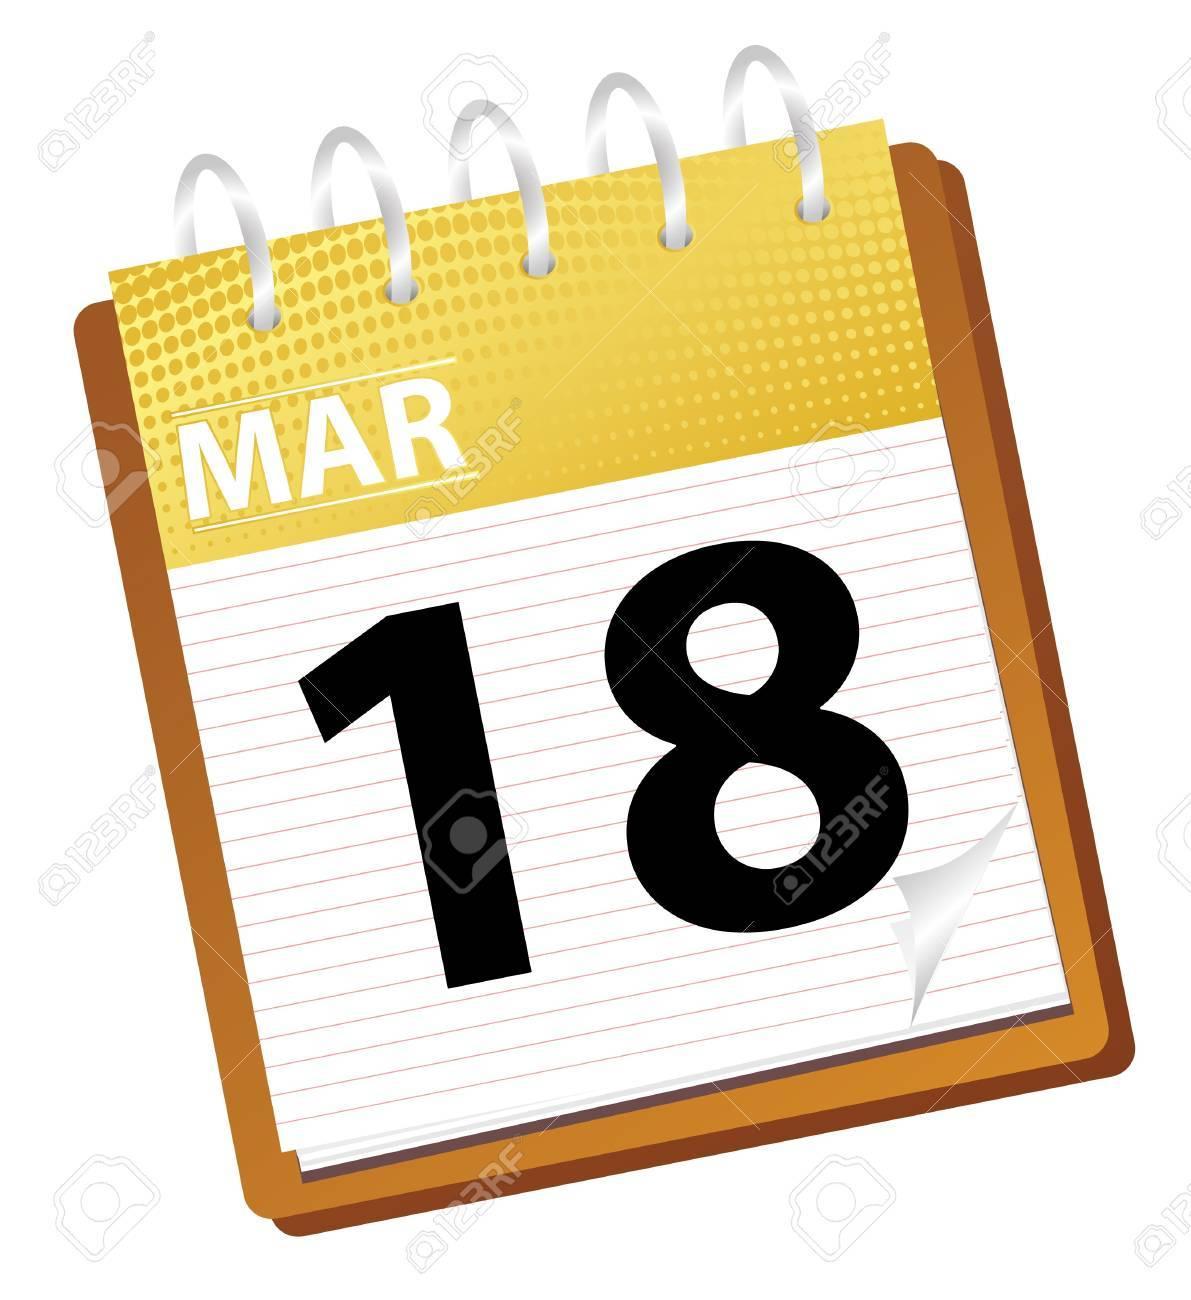 calendar march in vector mode Stock Photo - 4354087